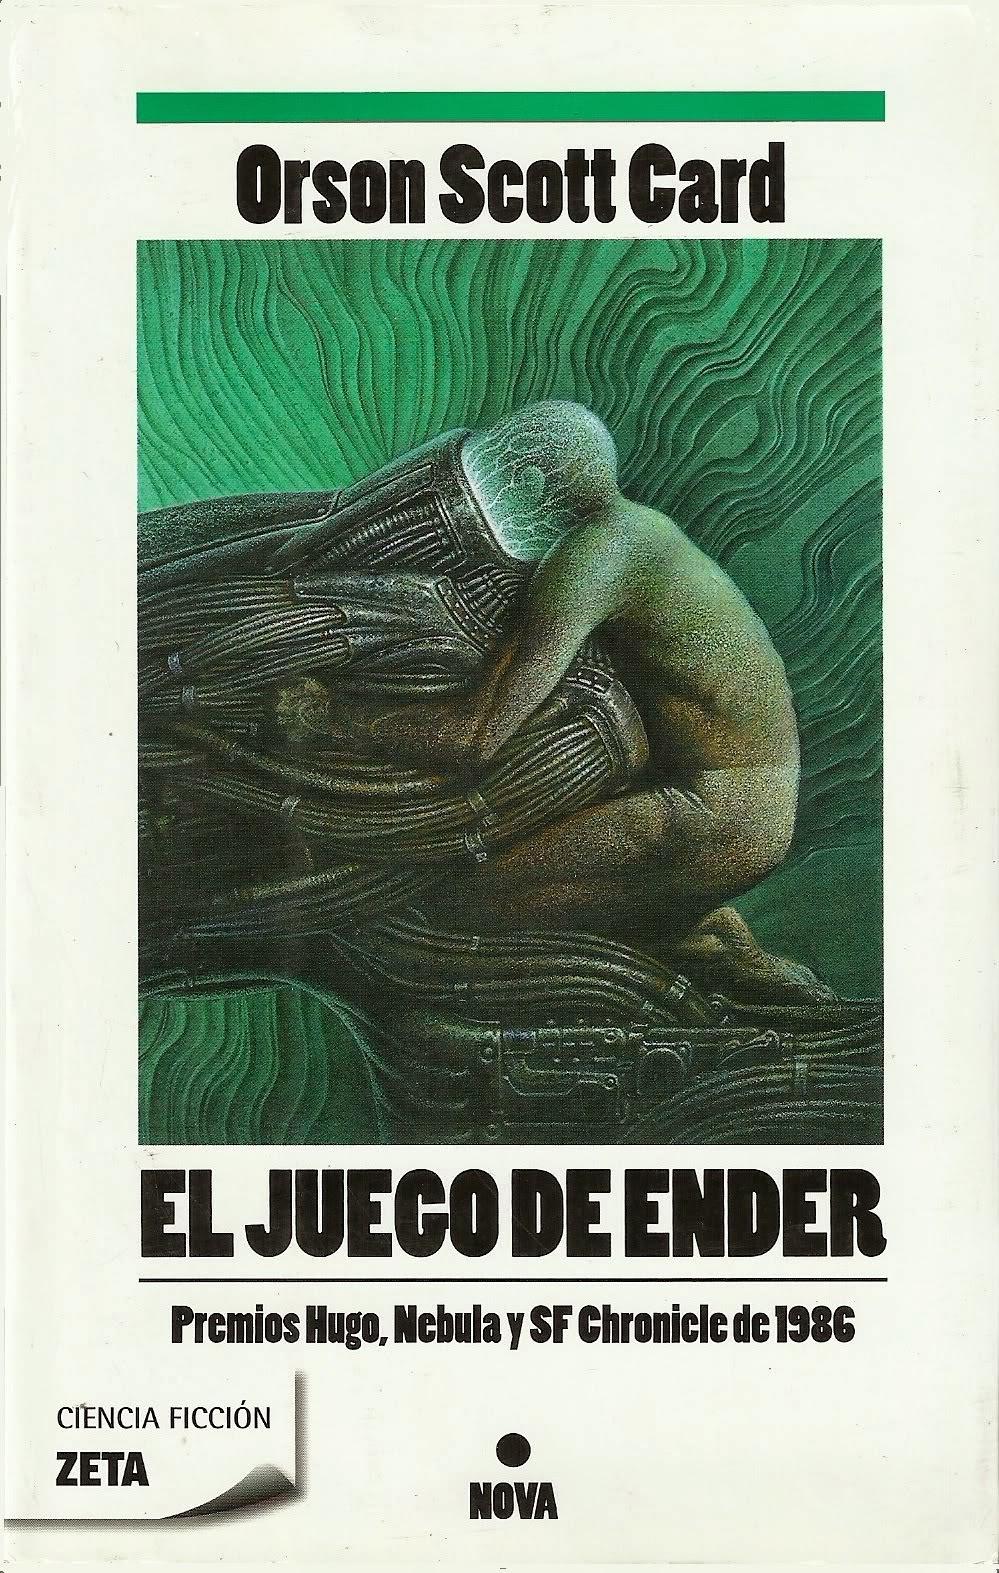 55. El Juego de Ender